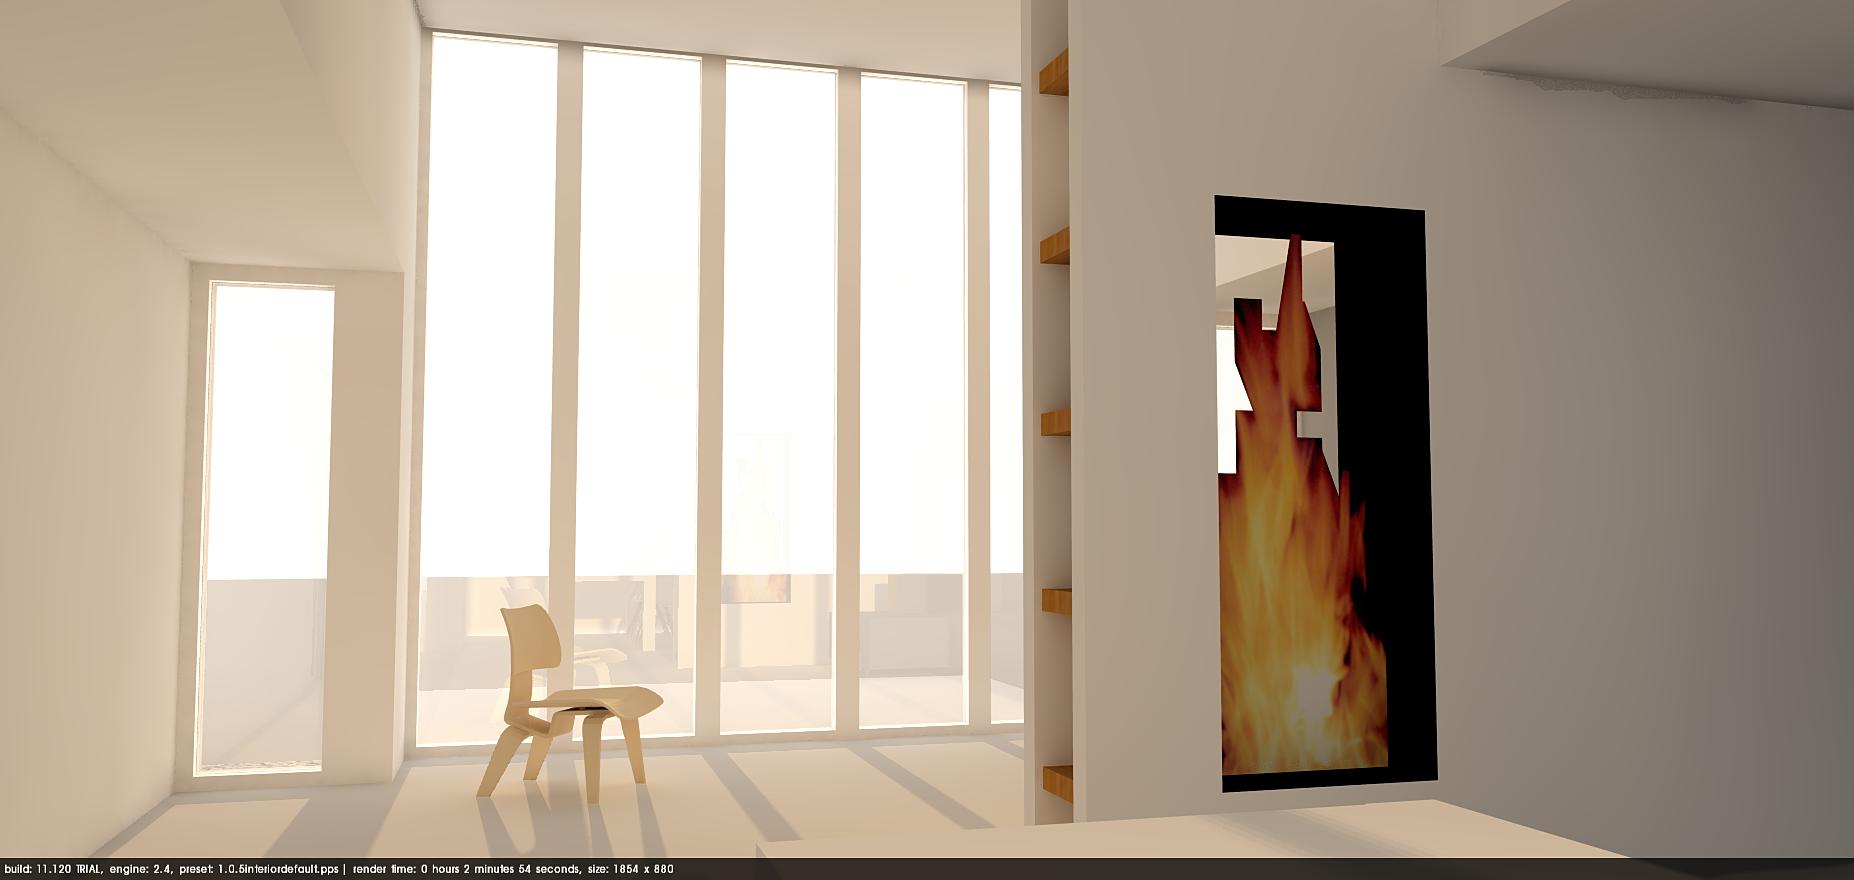 Atelier blik architectuur en interieur arnhem for Interieur architectuur